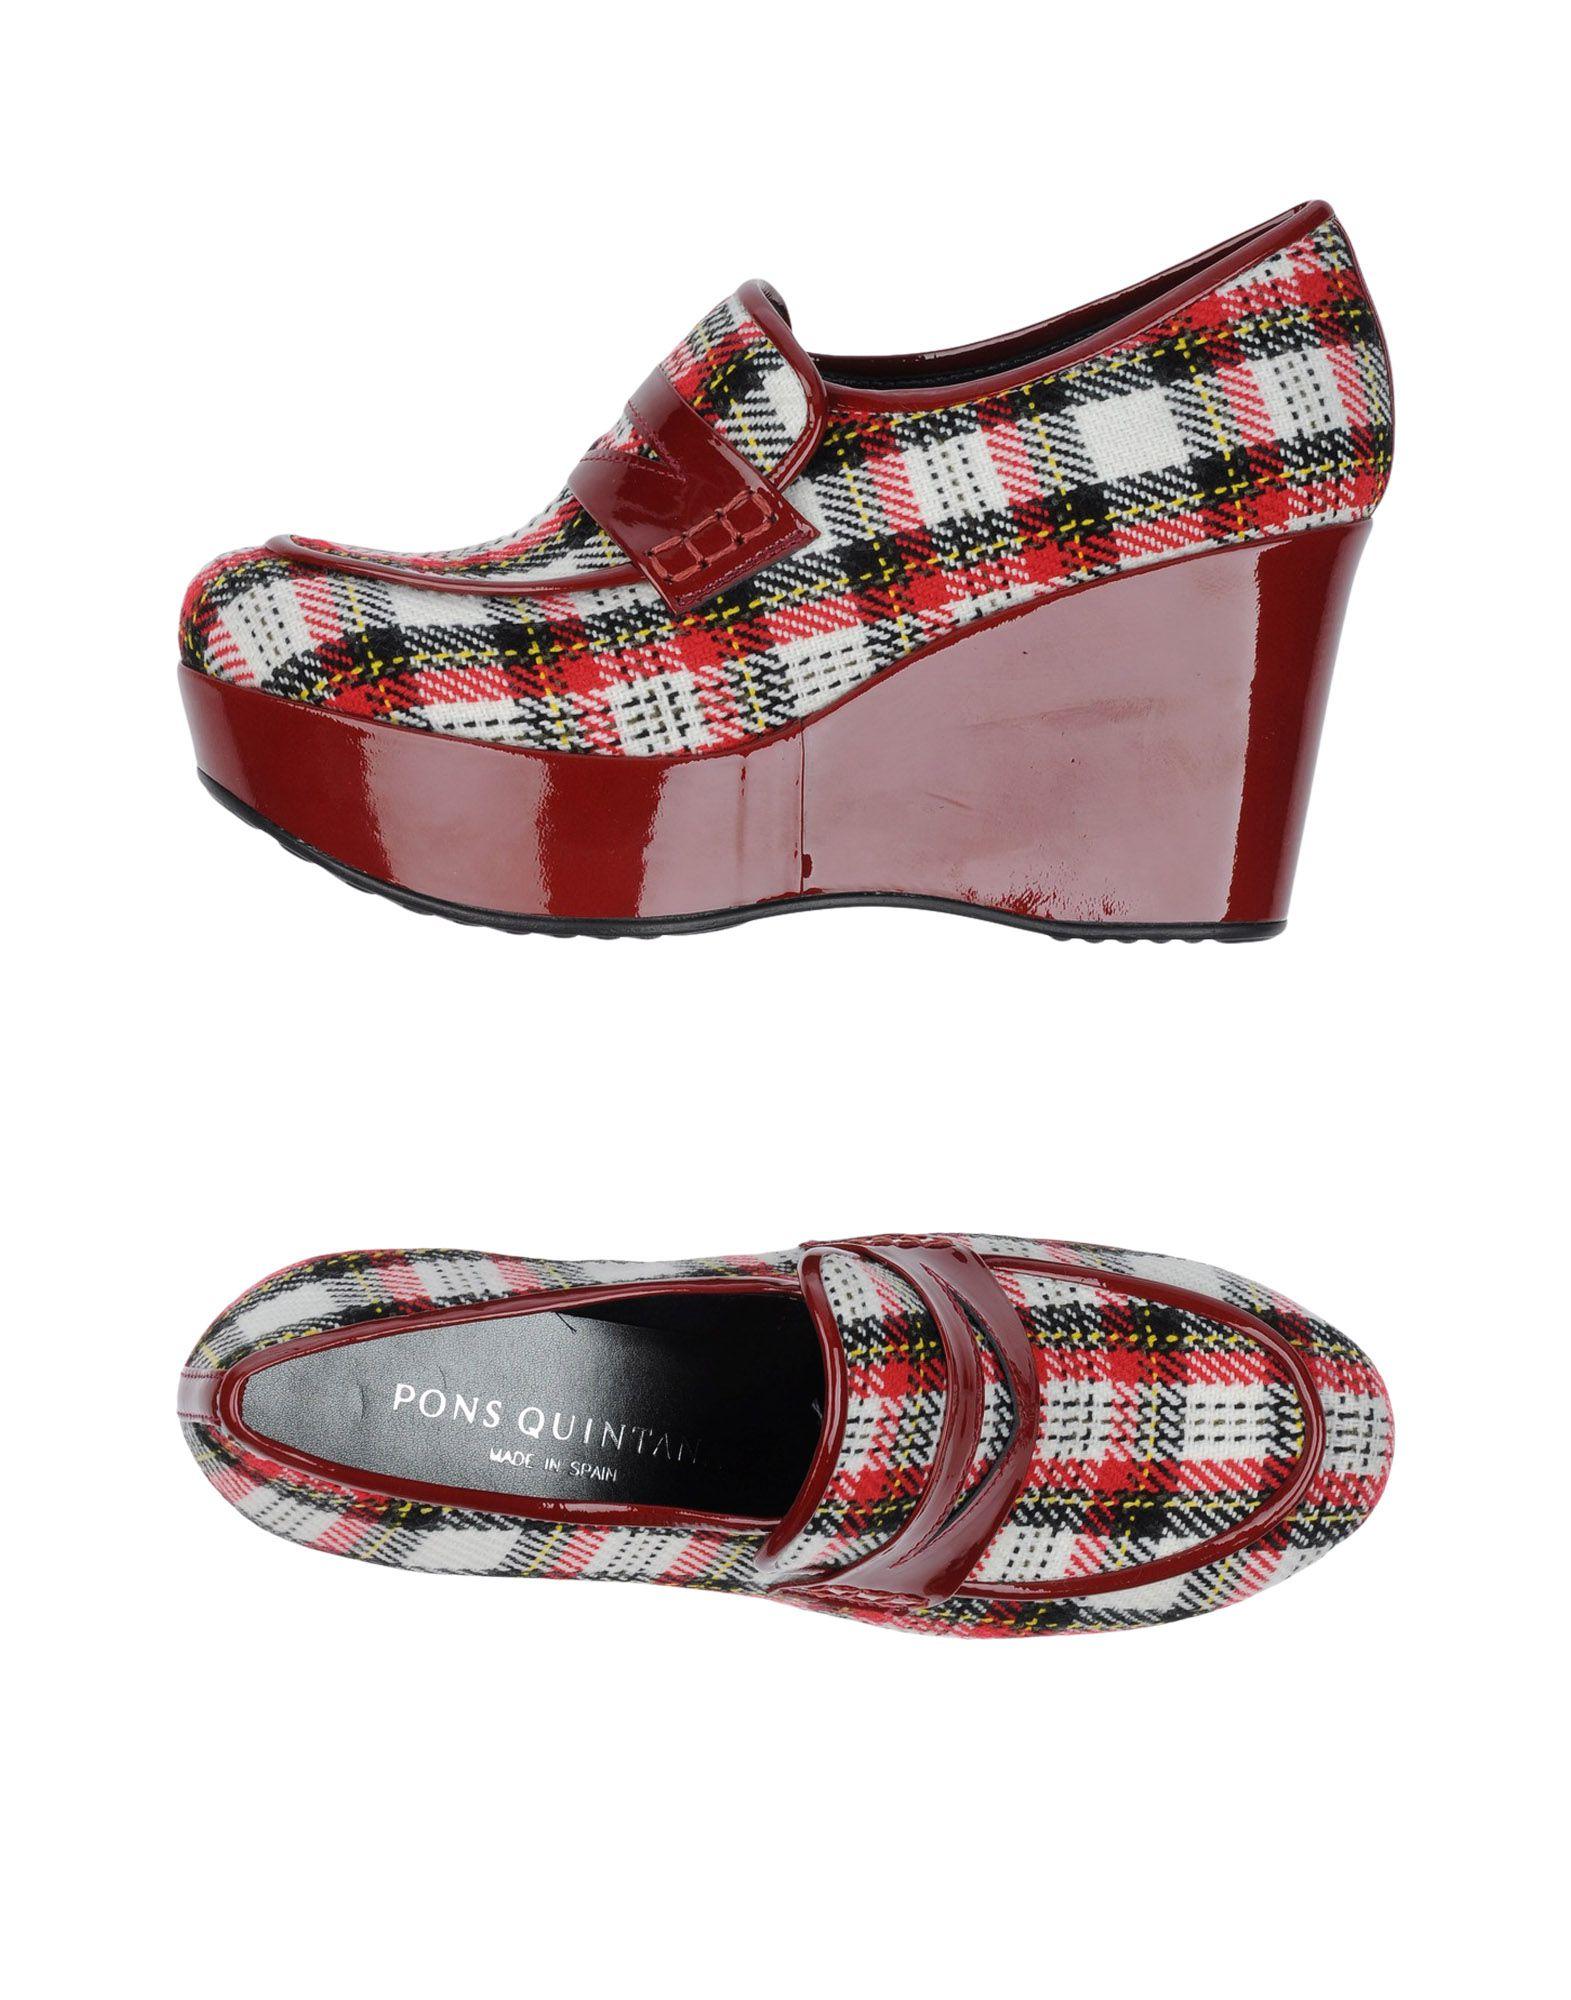 Pons Quintana Mokassins Damen  11256481GD Gute Qualität beliebte Schuhe